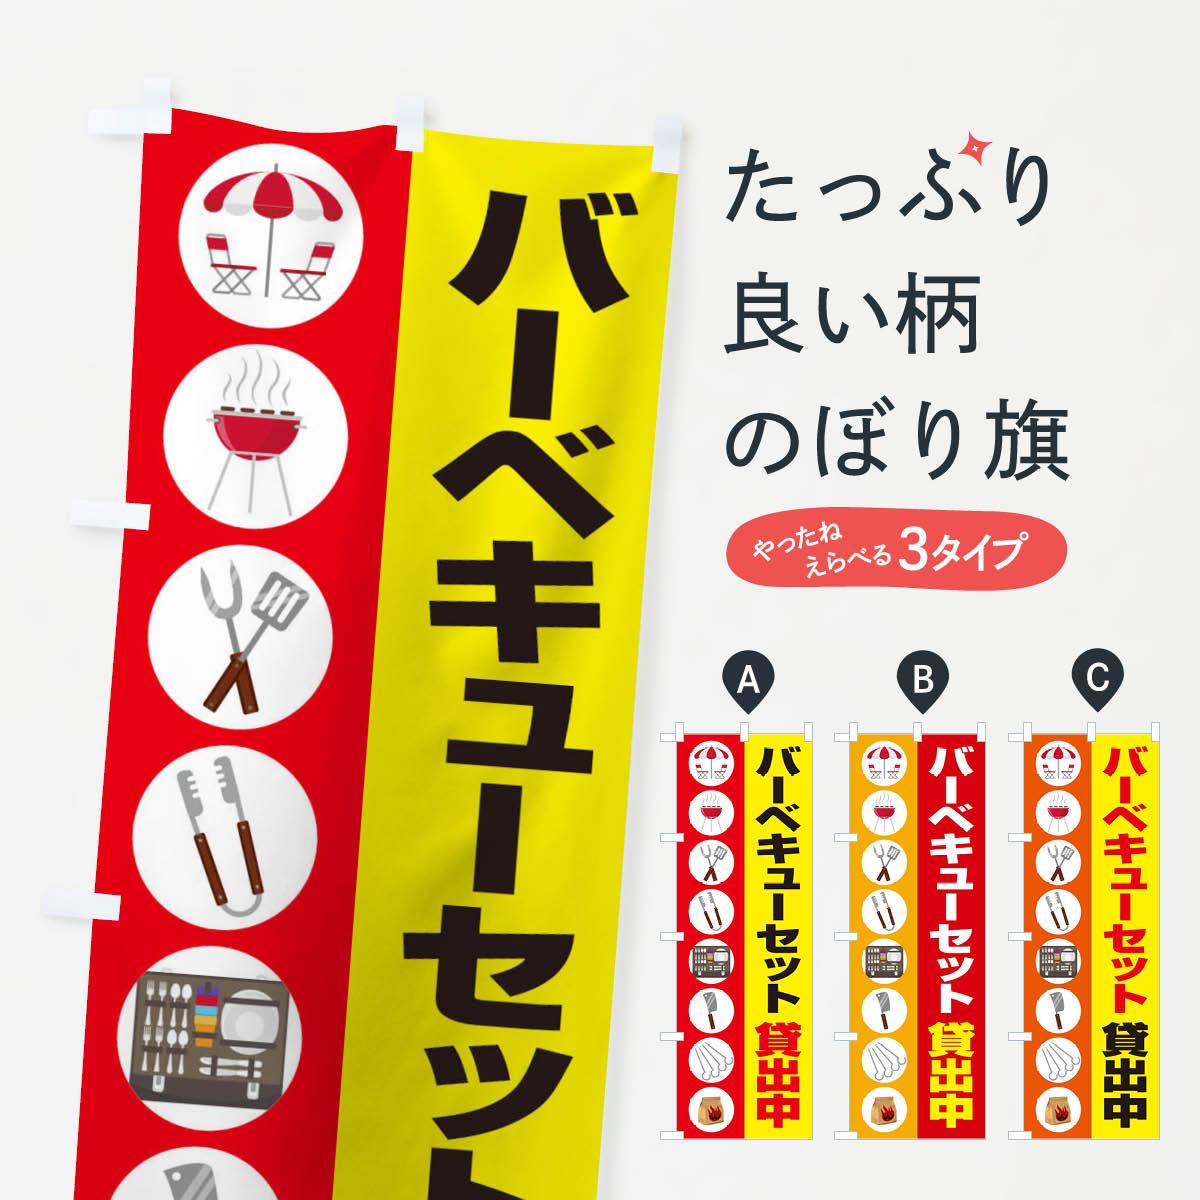 【3980送料無料】 のぼり旗 バーベキューセットのぼり 貸出中 レンタル